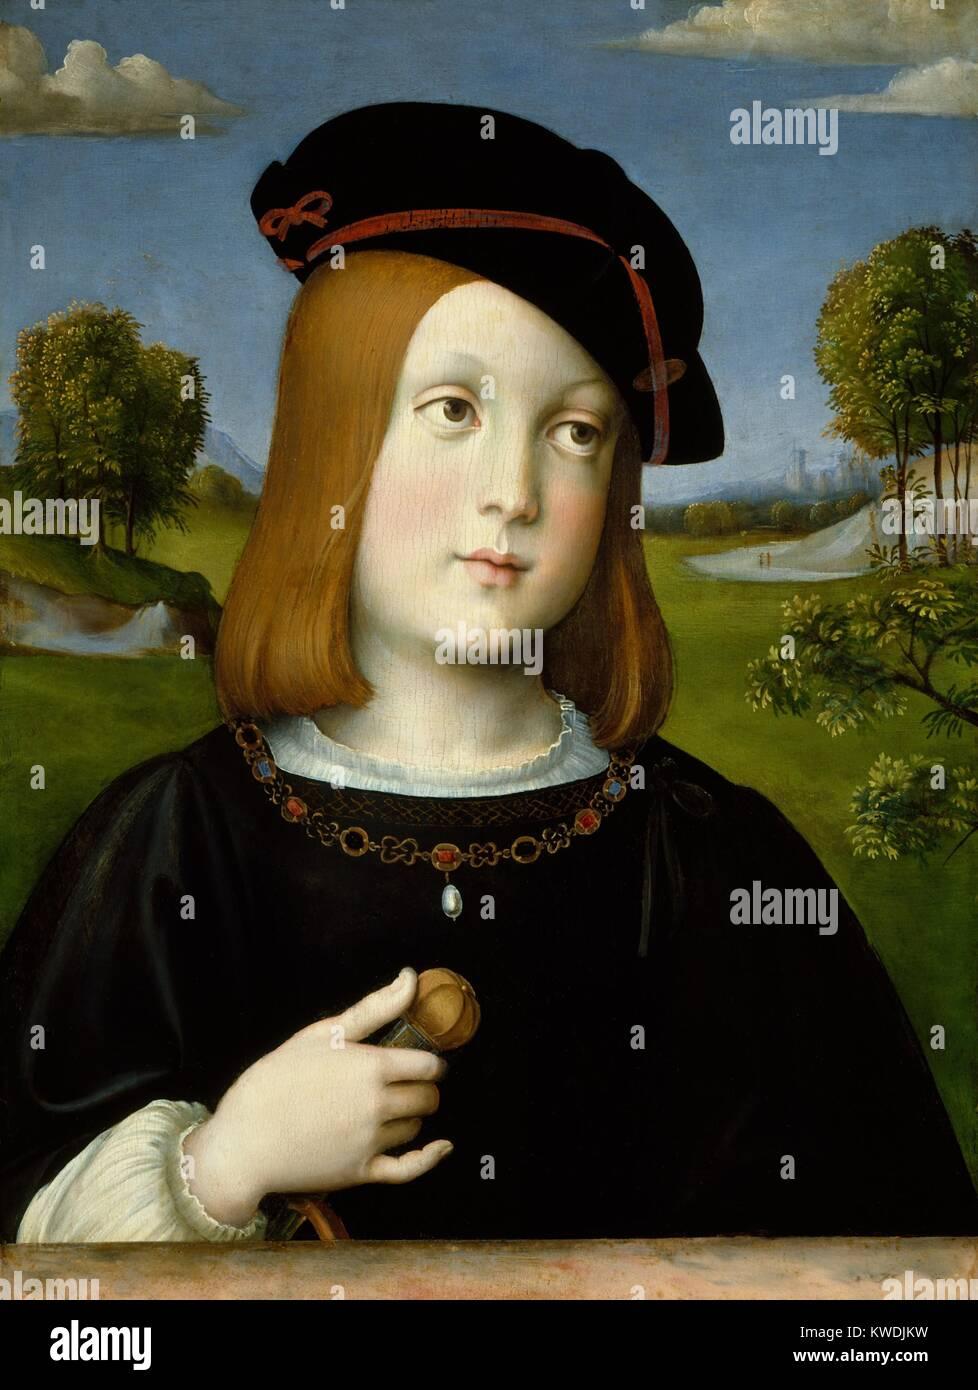 FEDERIGO Gonzaga, da Francesco Francia, 1510, pittura rinascimentale italiana, tempera su legno. Il grande Rinascimento Immagini Stock